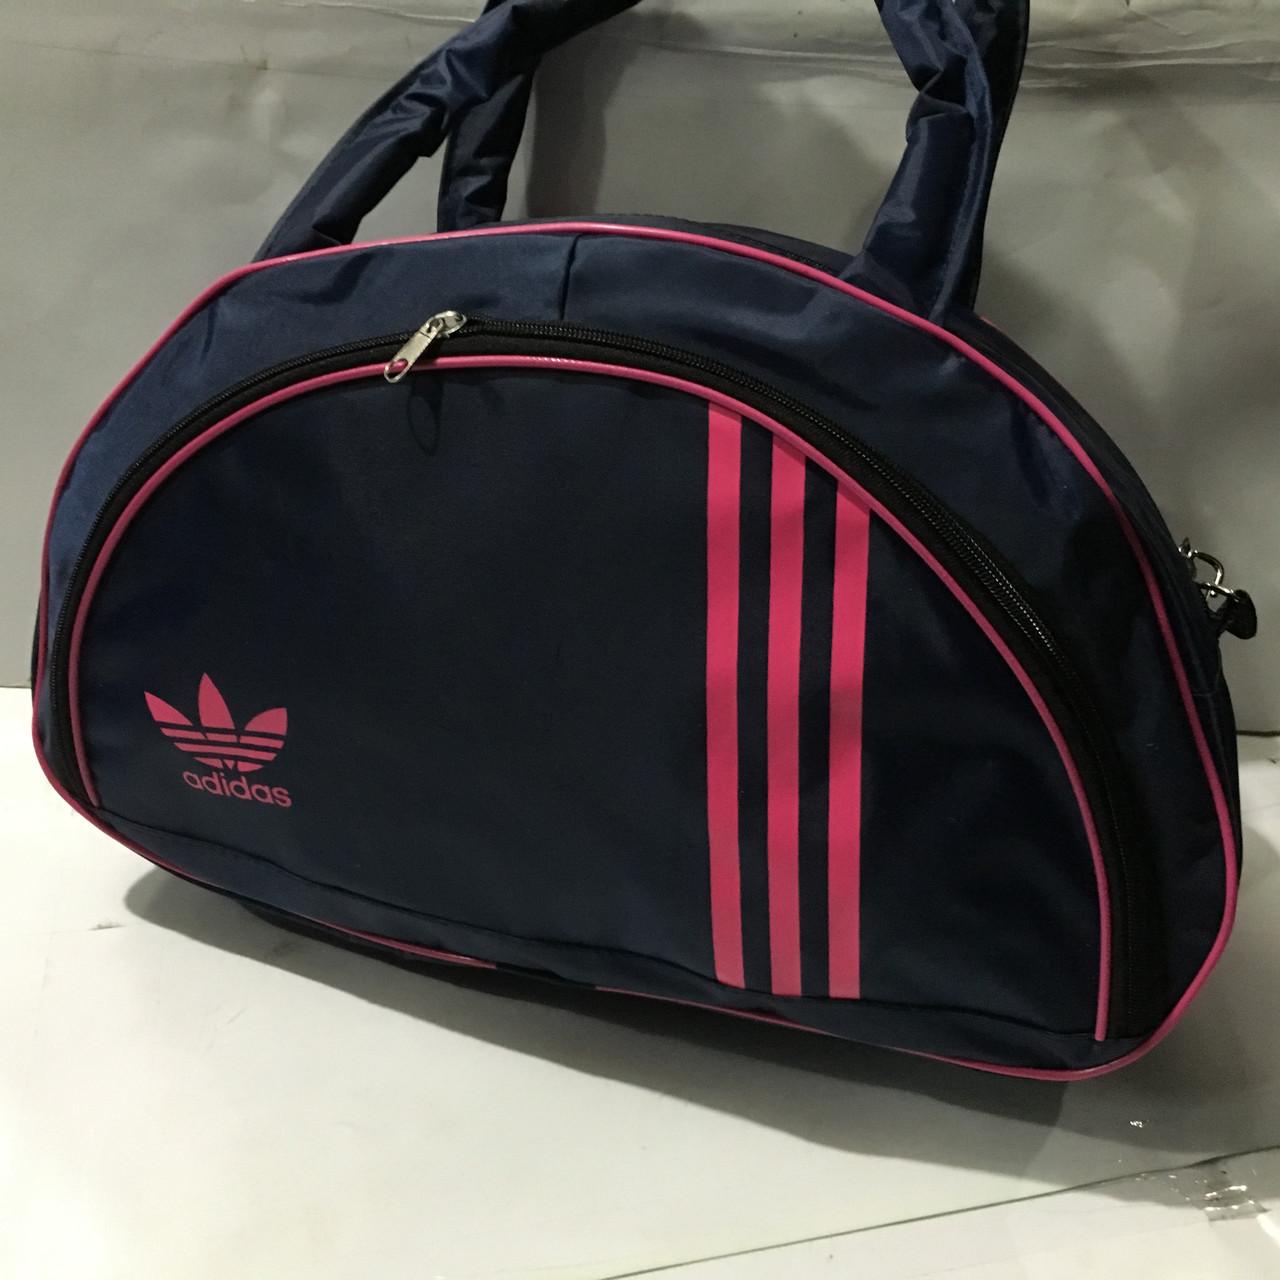 d7f7b9f10168 Спортивная сумка для фитнеса Adidas. Высокое качество. Прочная сумка для  спортзала и поездок оптом